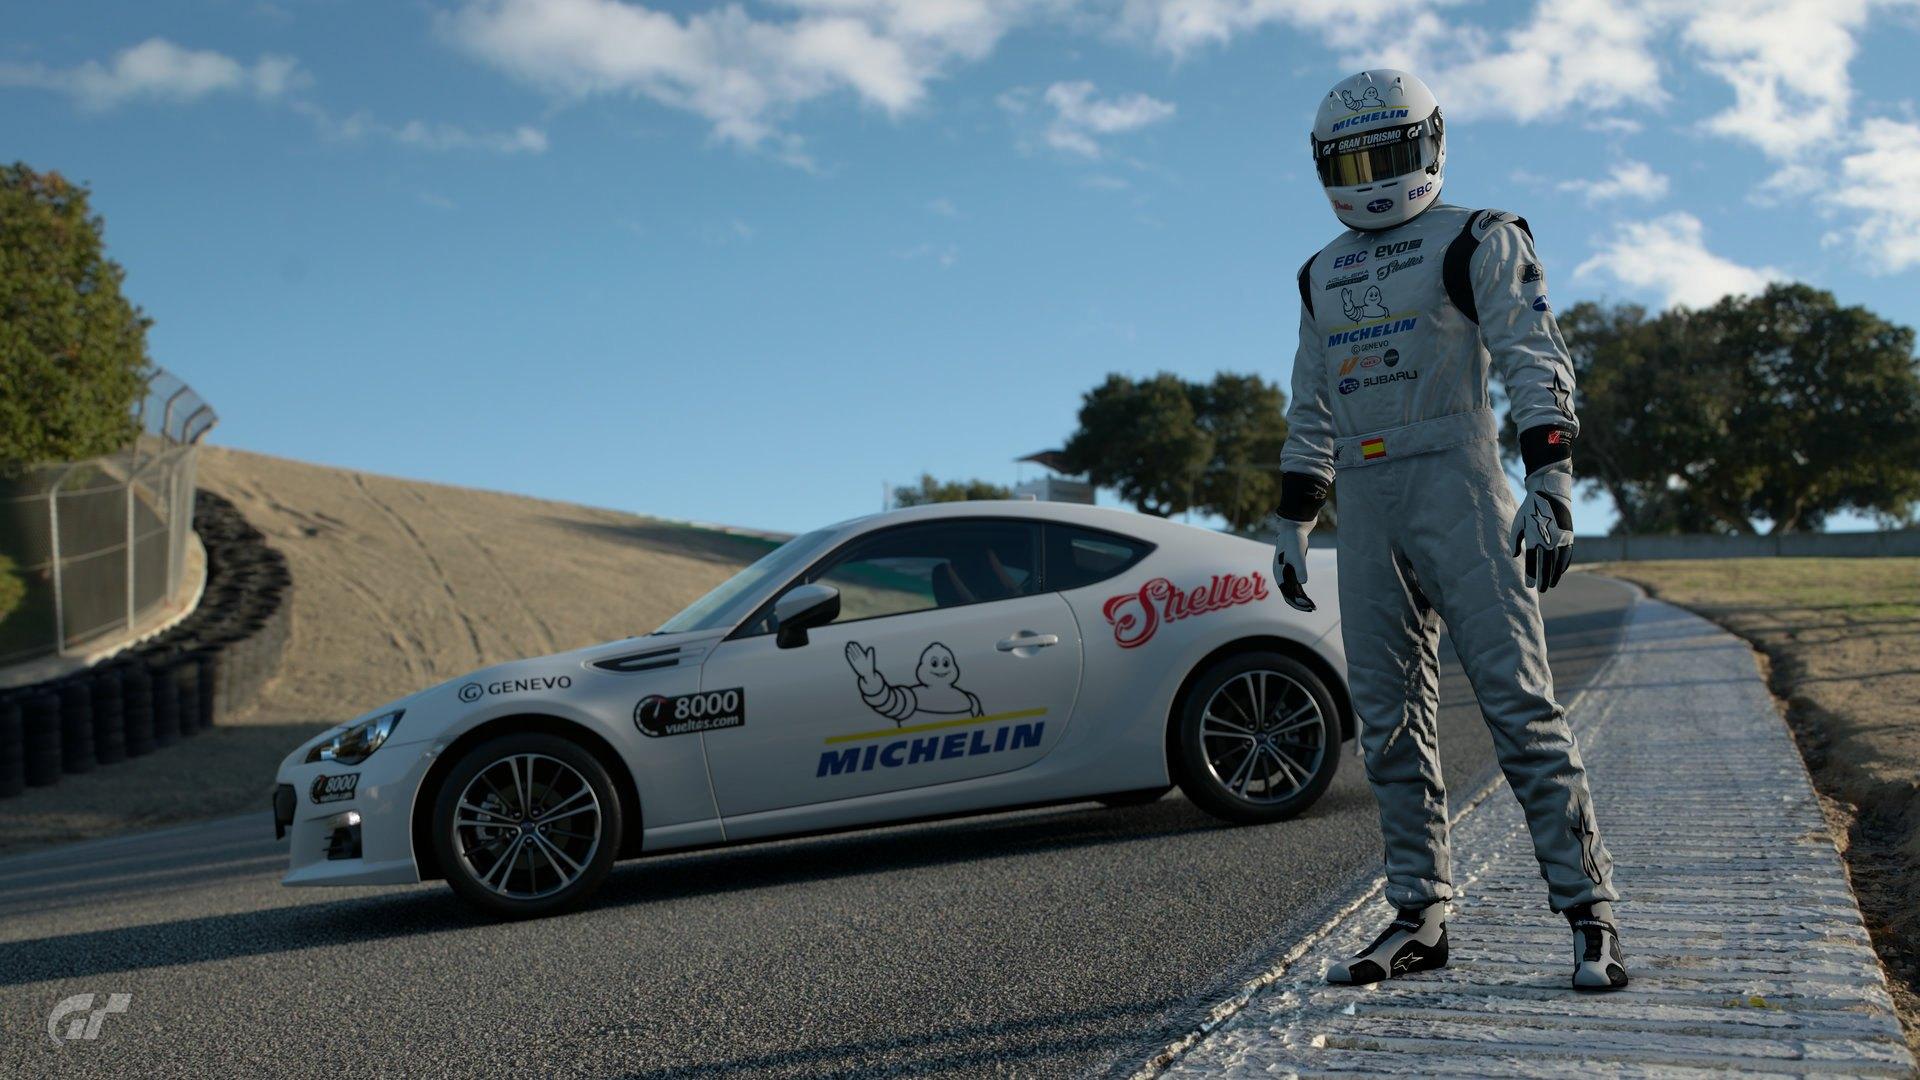 Subaru se suma a los eSports con las 8000vueltas Gran Turismo